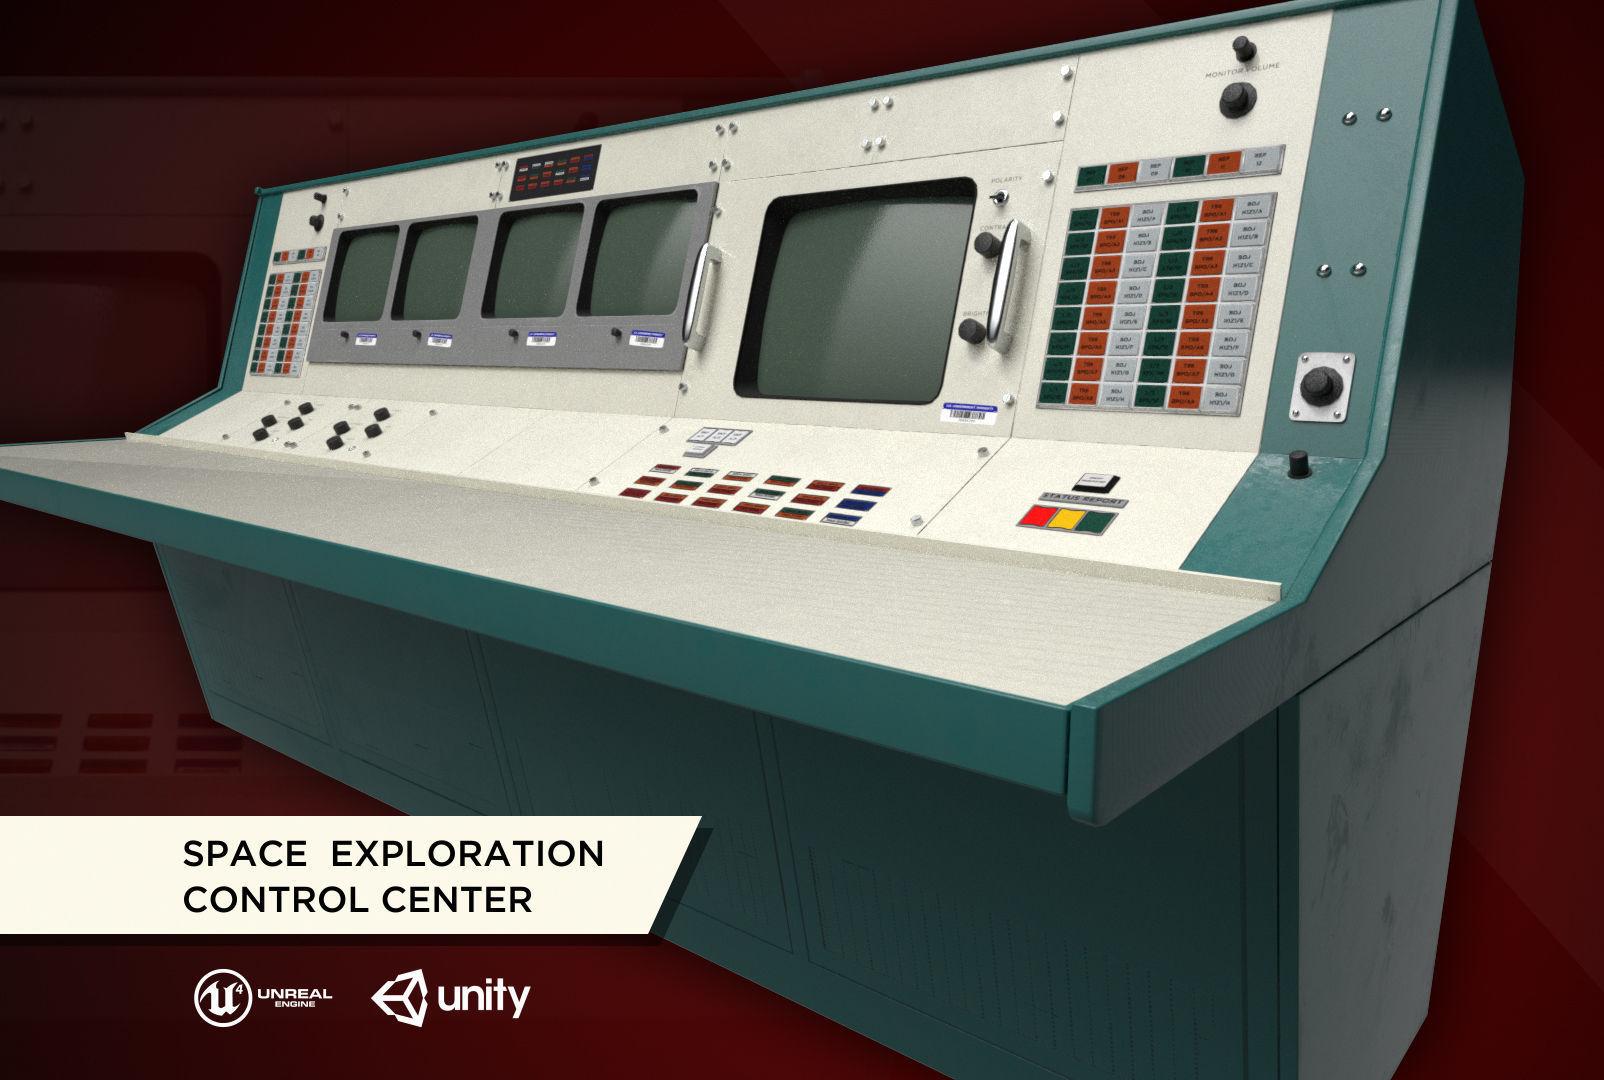 Space Exploration Control Center - Apollo Flight Controller